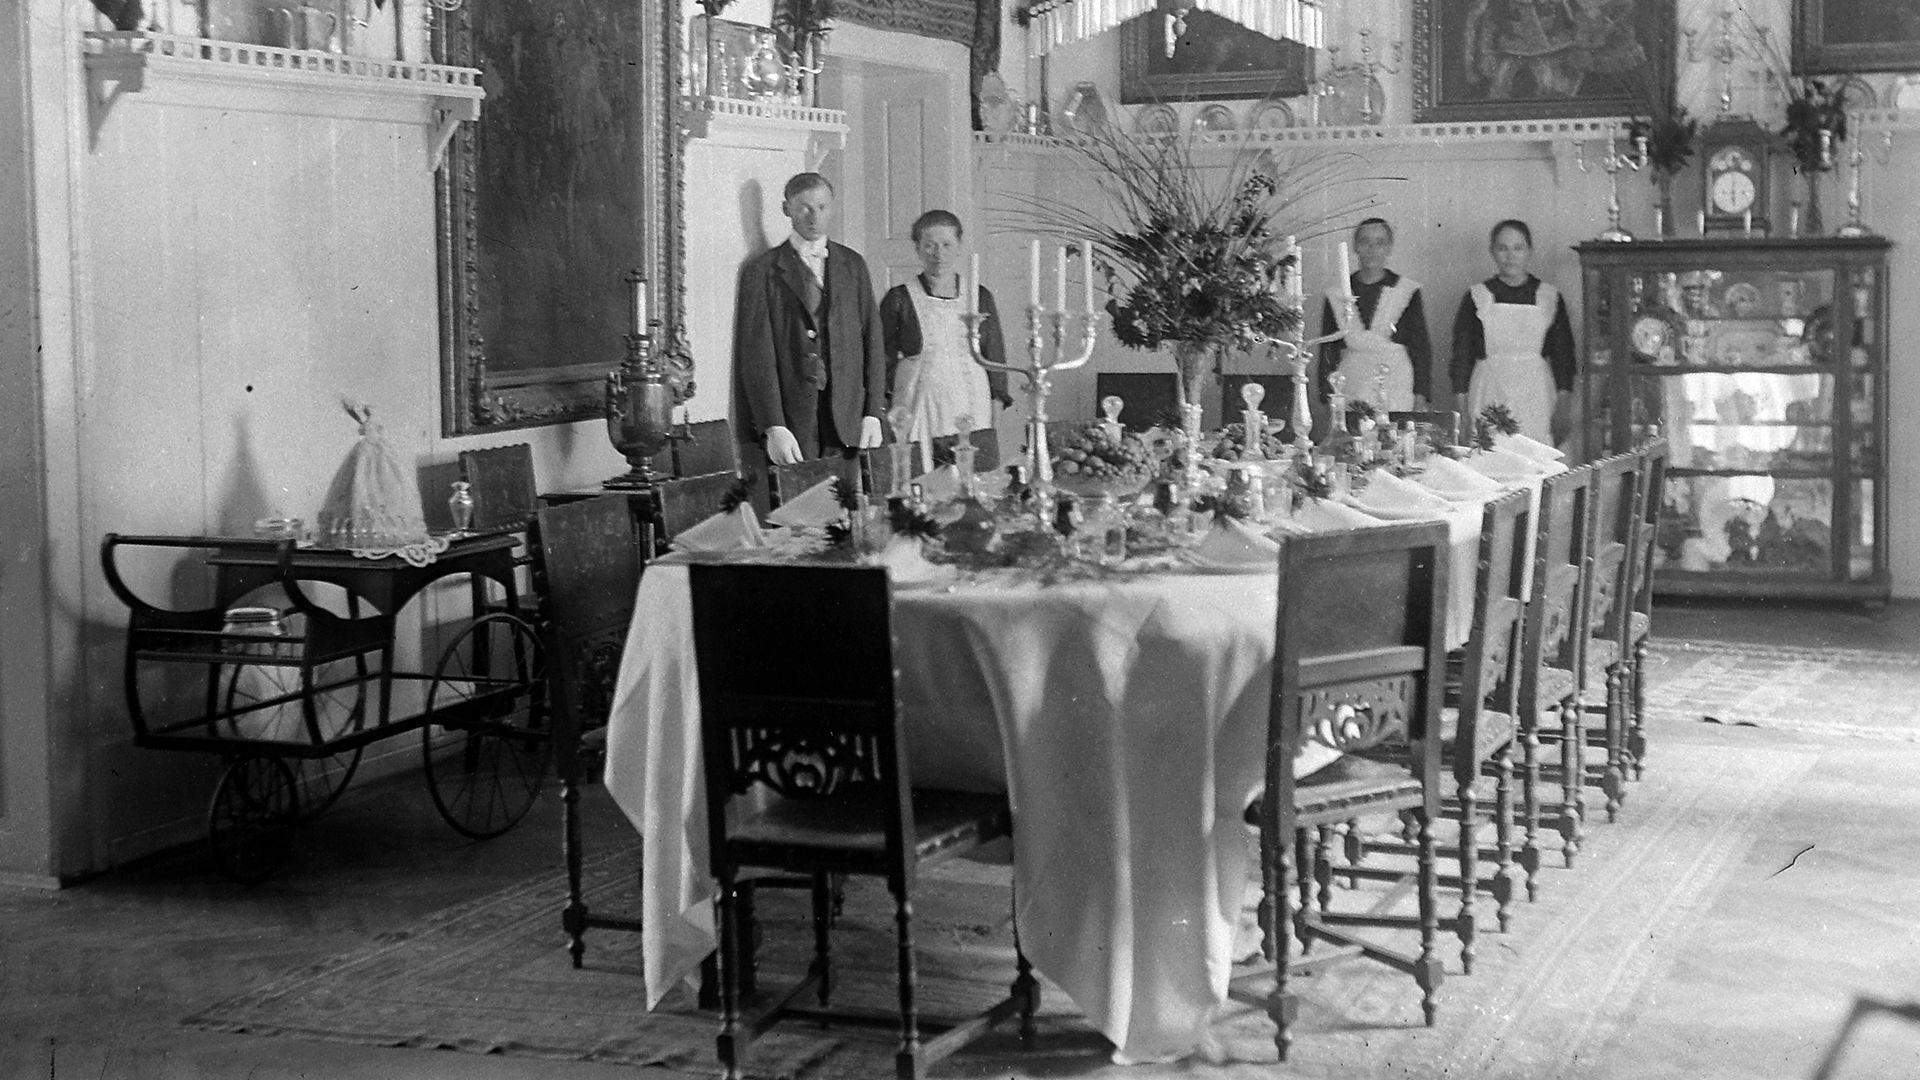 terített asztal, ebédlő, személyzet, cseléd